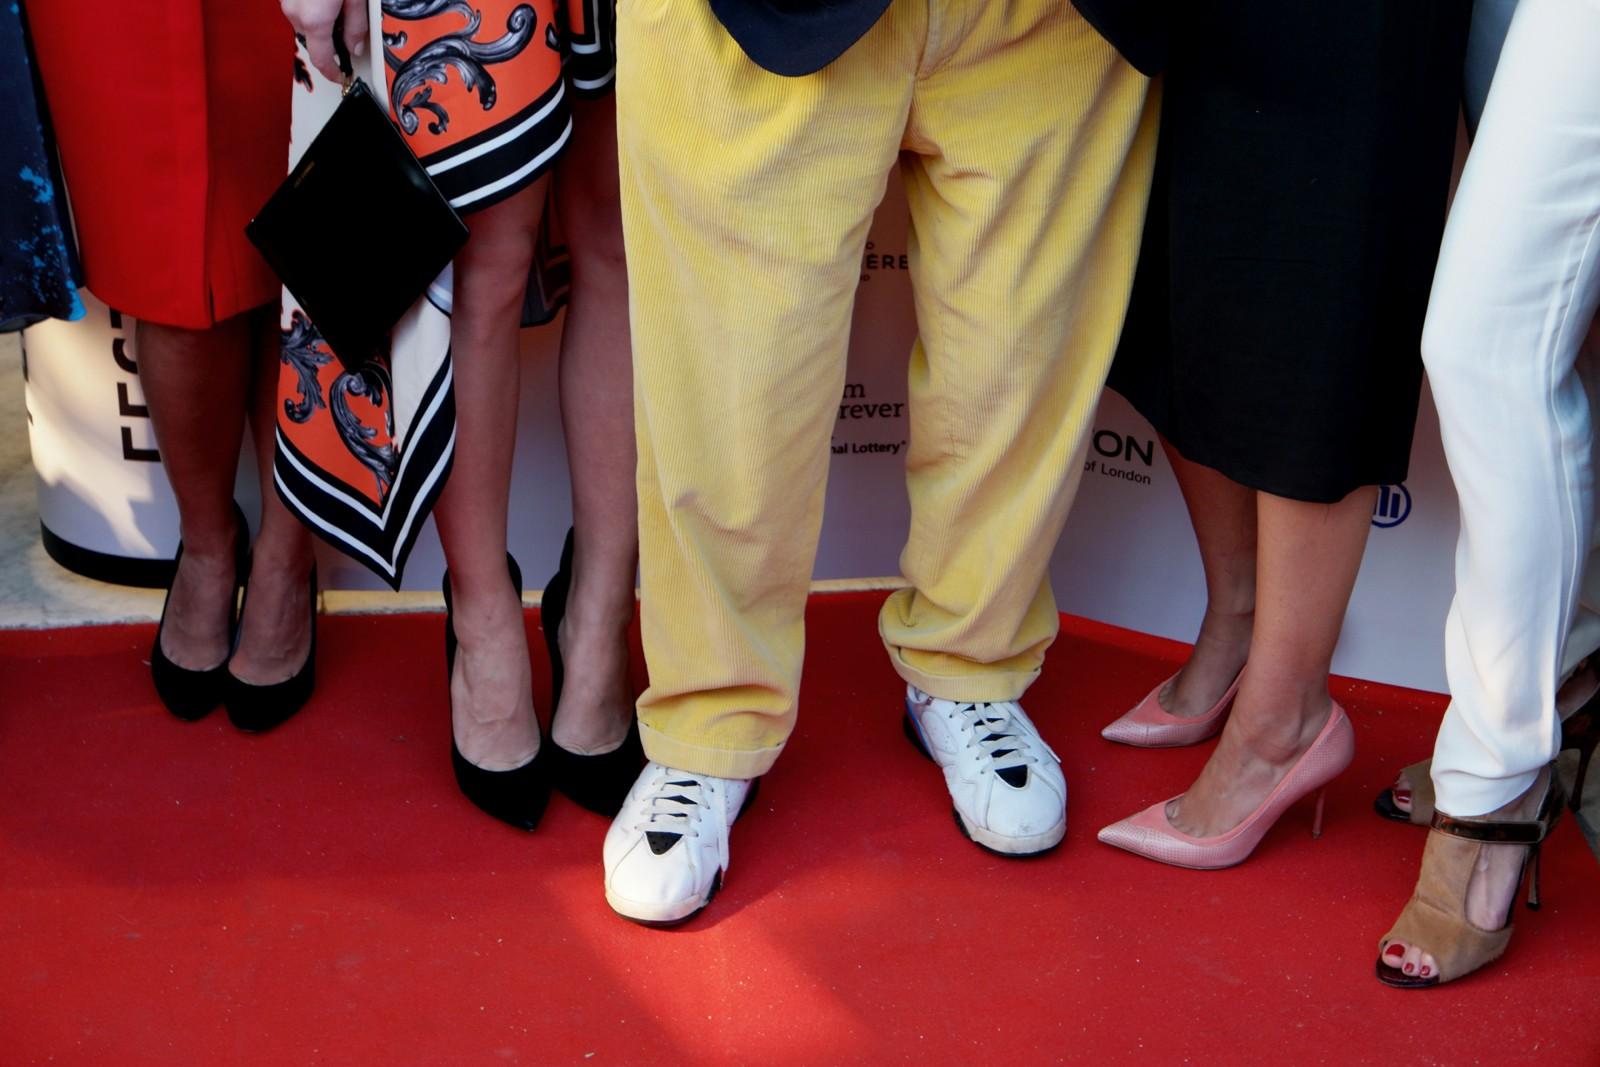 Chaussures de Jean Rochefort président du jury du Festival du film Britannique de Dinard et ses jurées nathalie dormer Mélanie Doutey alexandra lamy photo usofparis